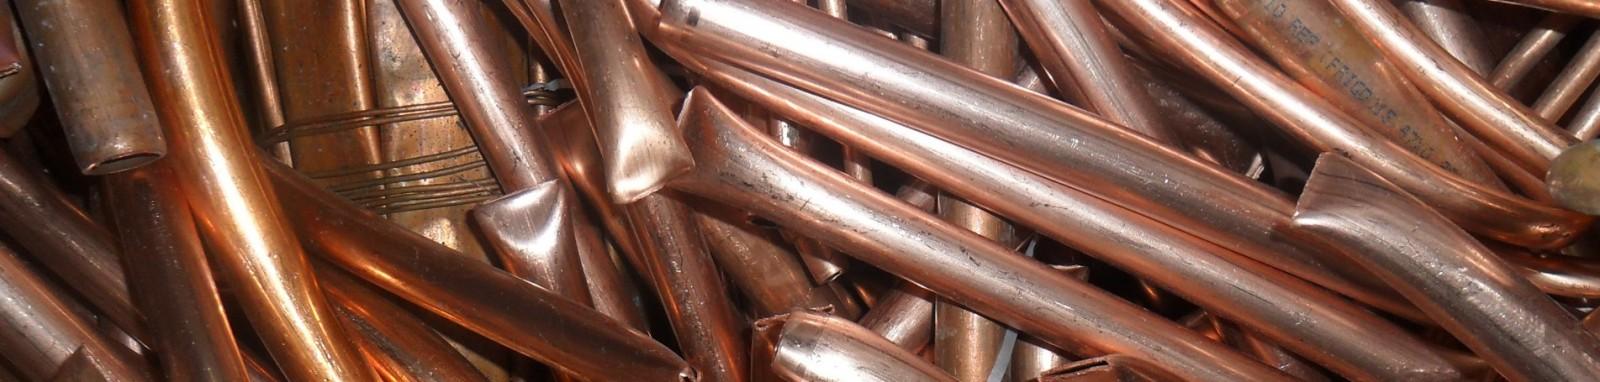 Где сдать медь в Менделеево прием металлолома в москве круглосуточно в Реутов